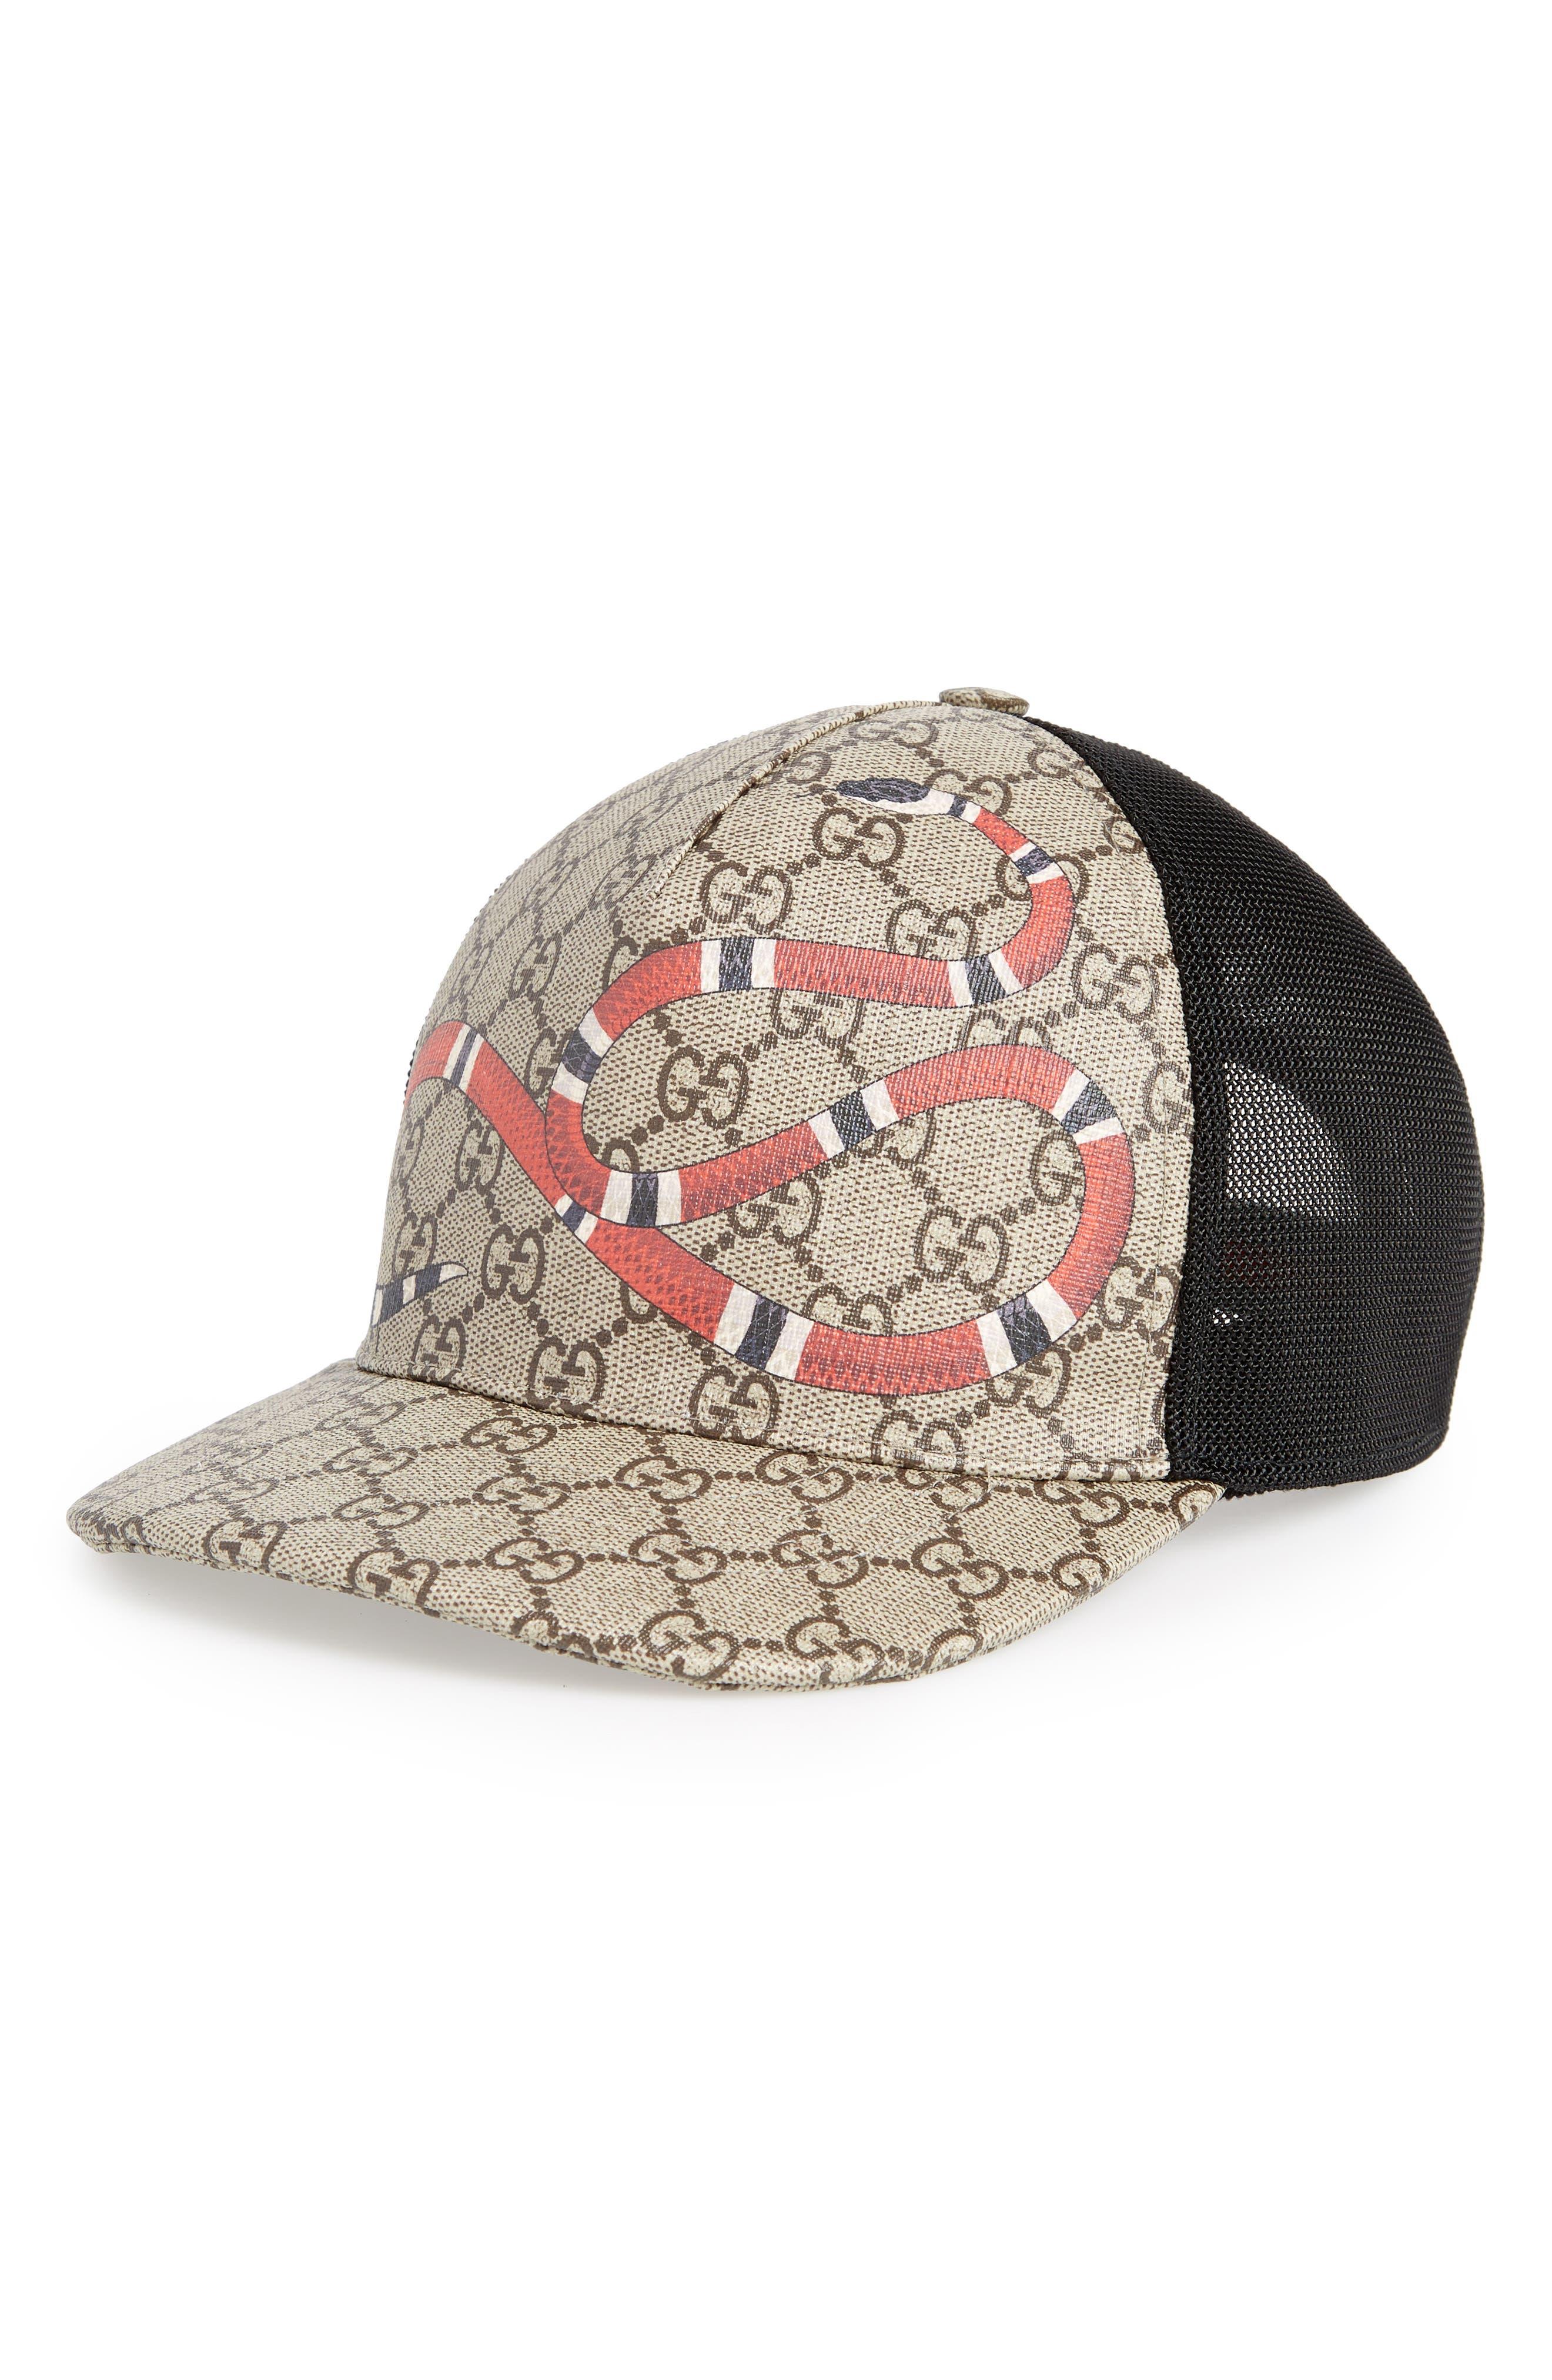 Kingsnake Canvas Baseball Cap,                         Main,                         color, BLACK